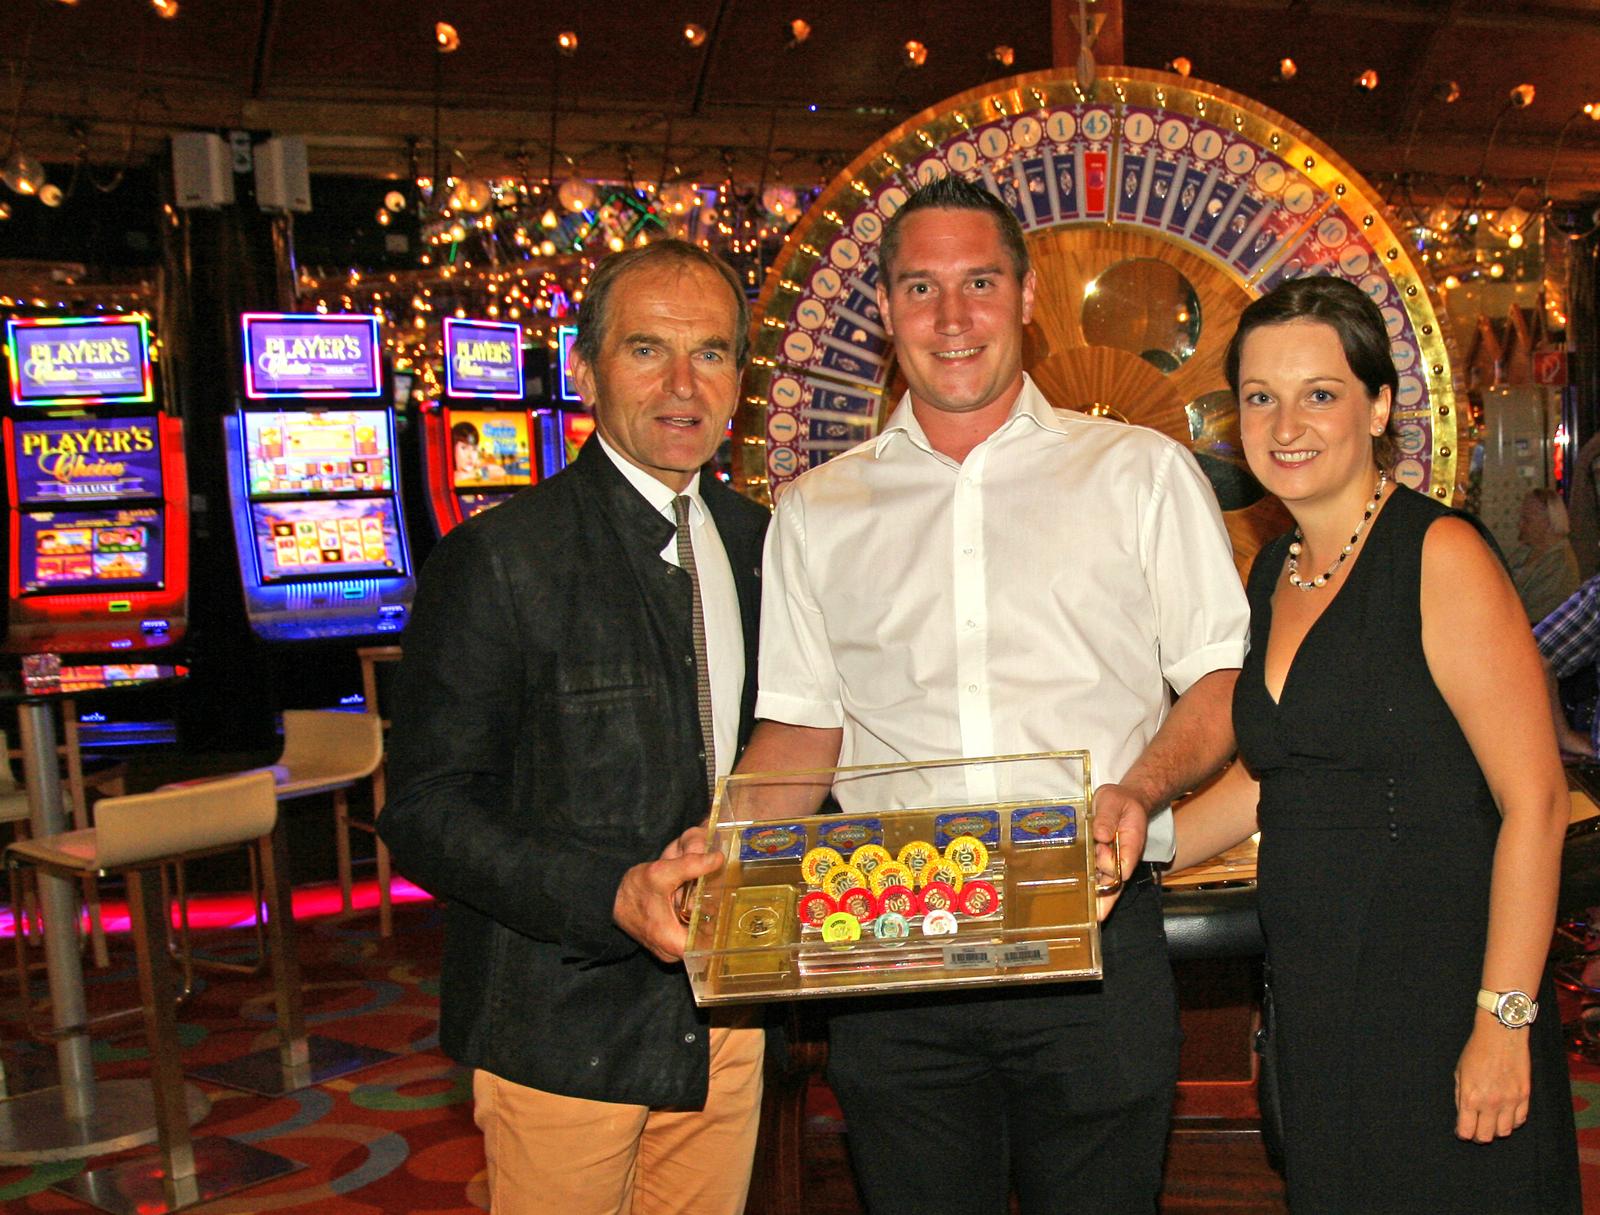 wieviel gewinnt man beim roulette auf sechs zahlen